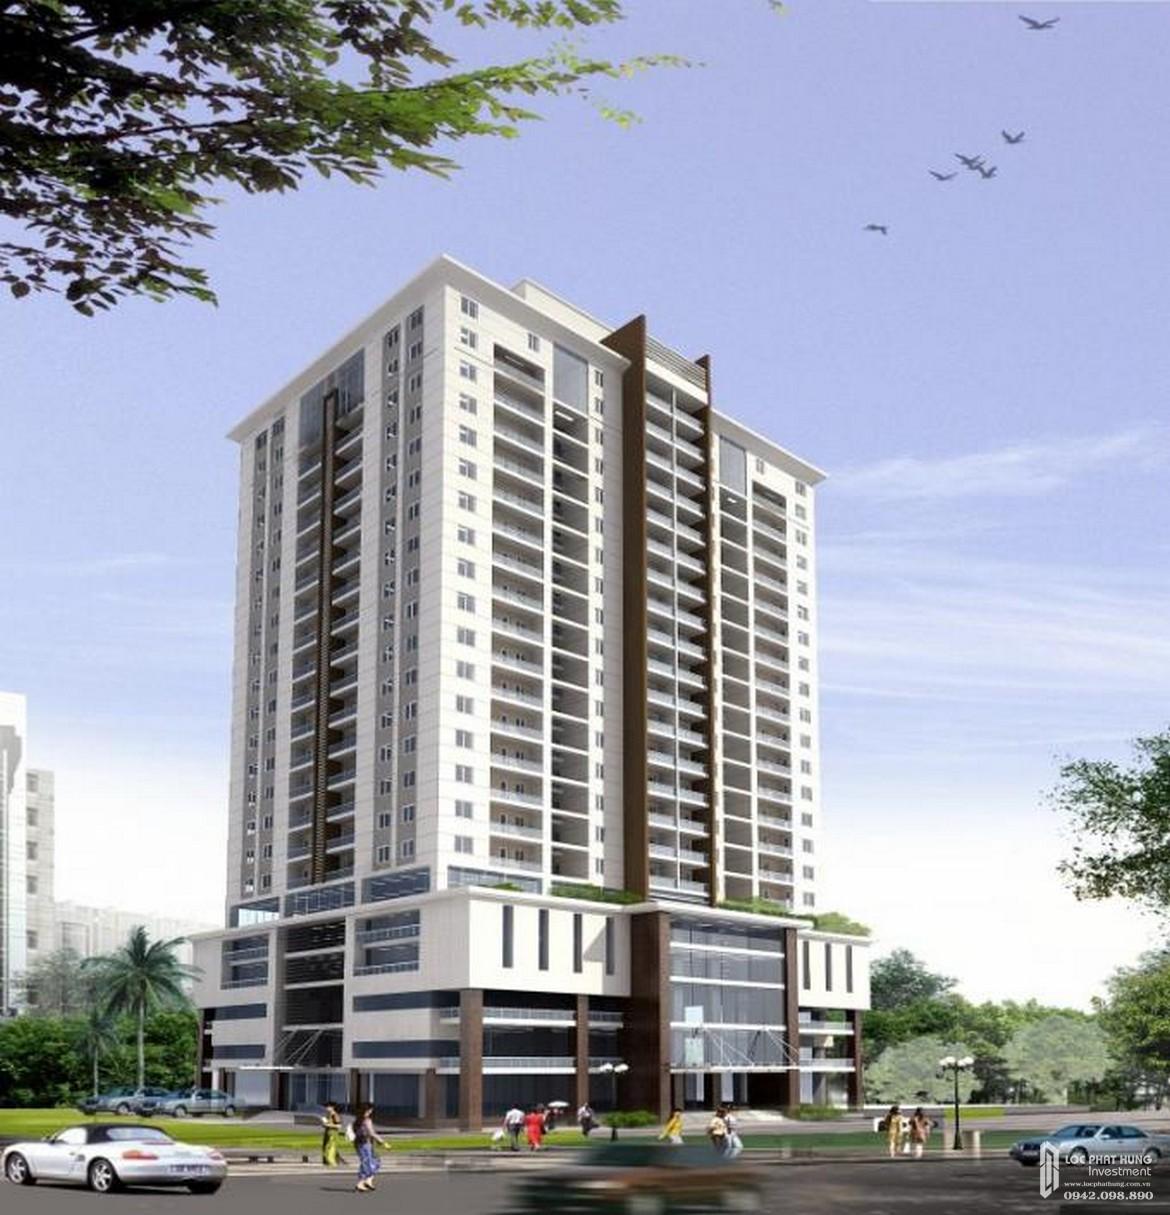 Chủ đầu tư dự án căn hộ Condotel Oyster Gành Hào Đường 82 Trần Phú chủ đầu tư Vietpearl Group